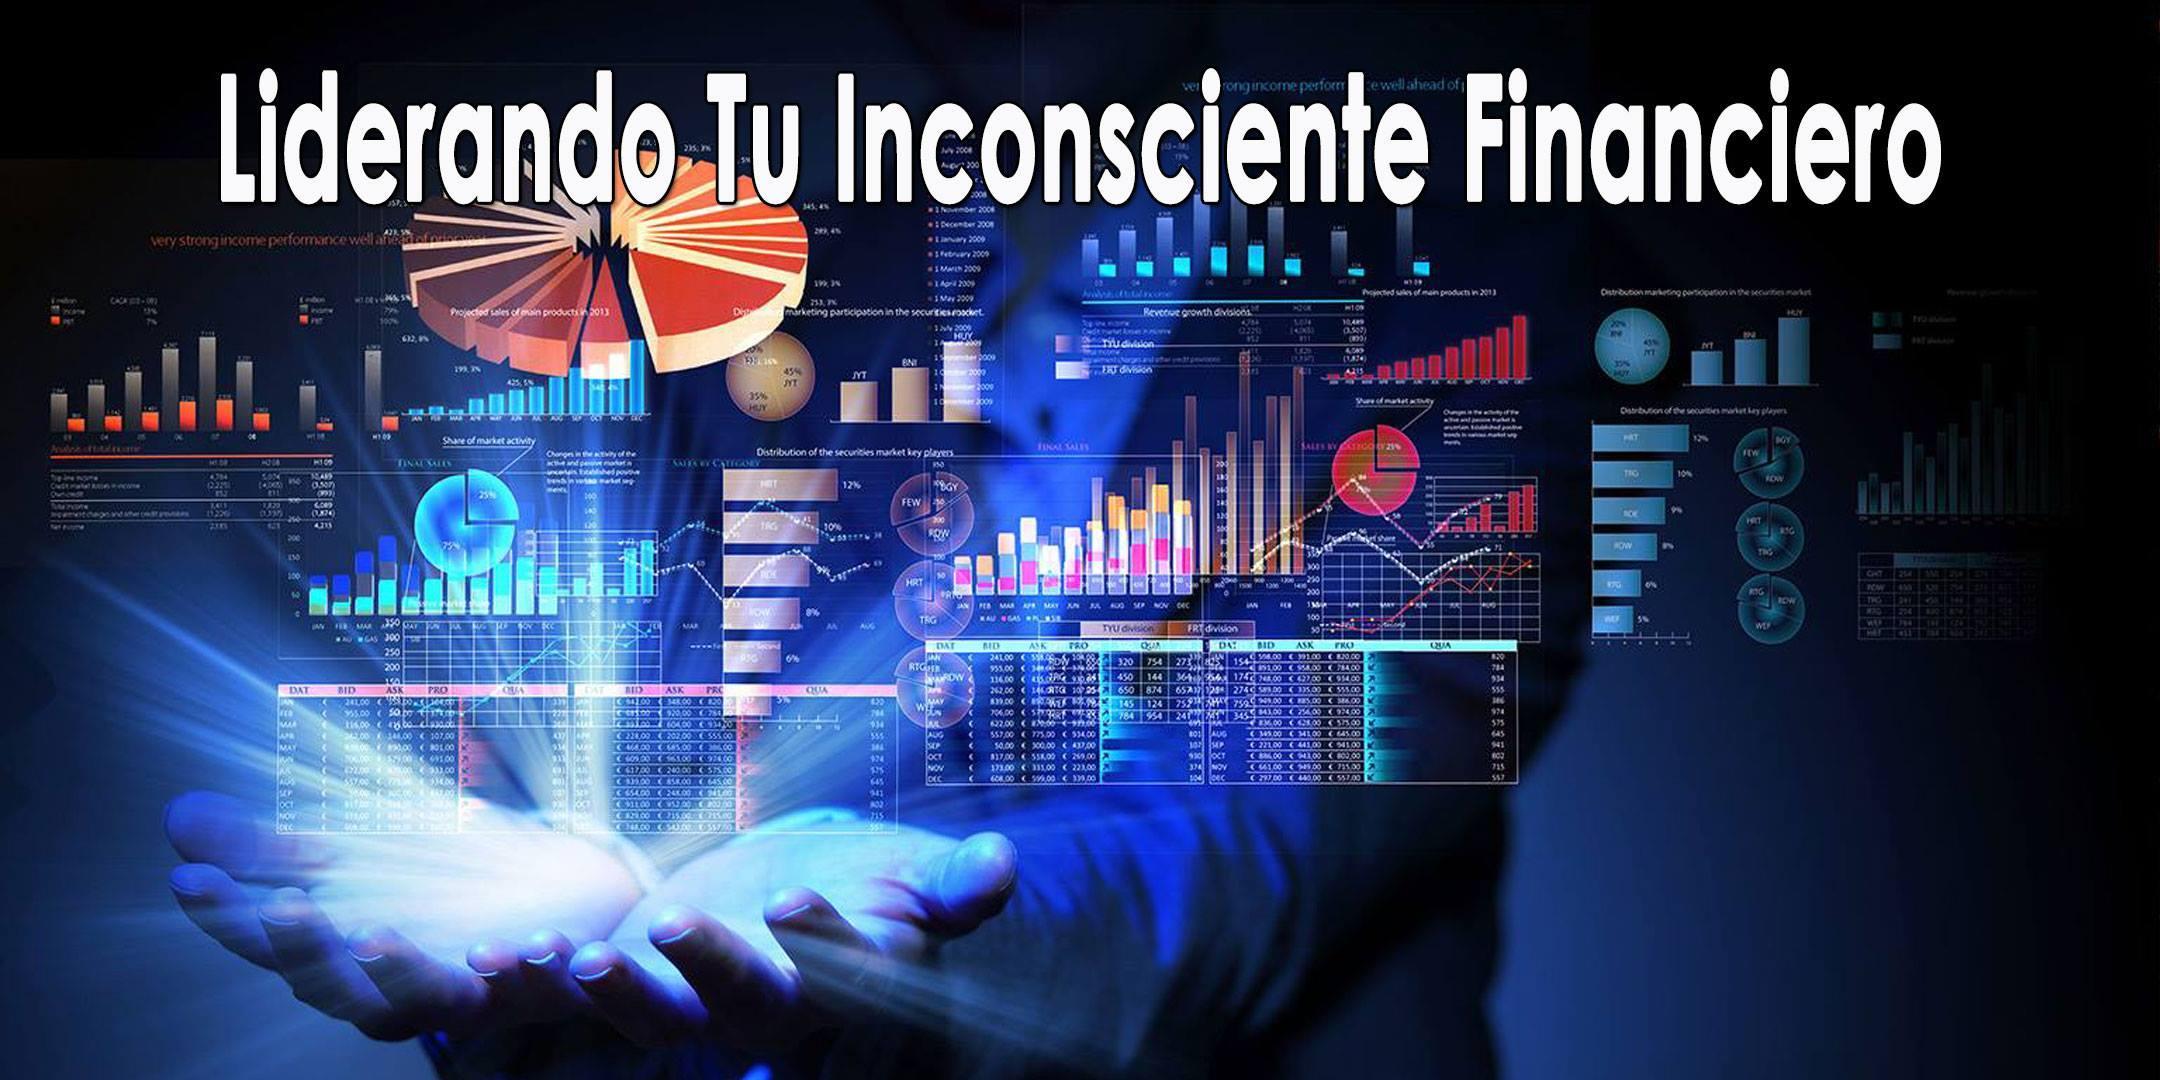 Liderando Tu Inconsciente Financiero